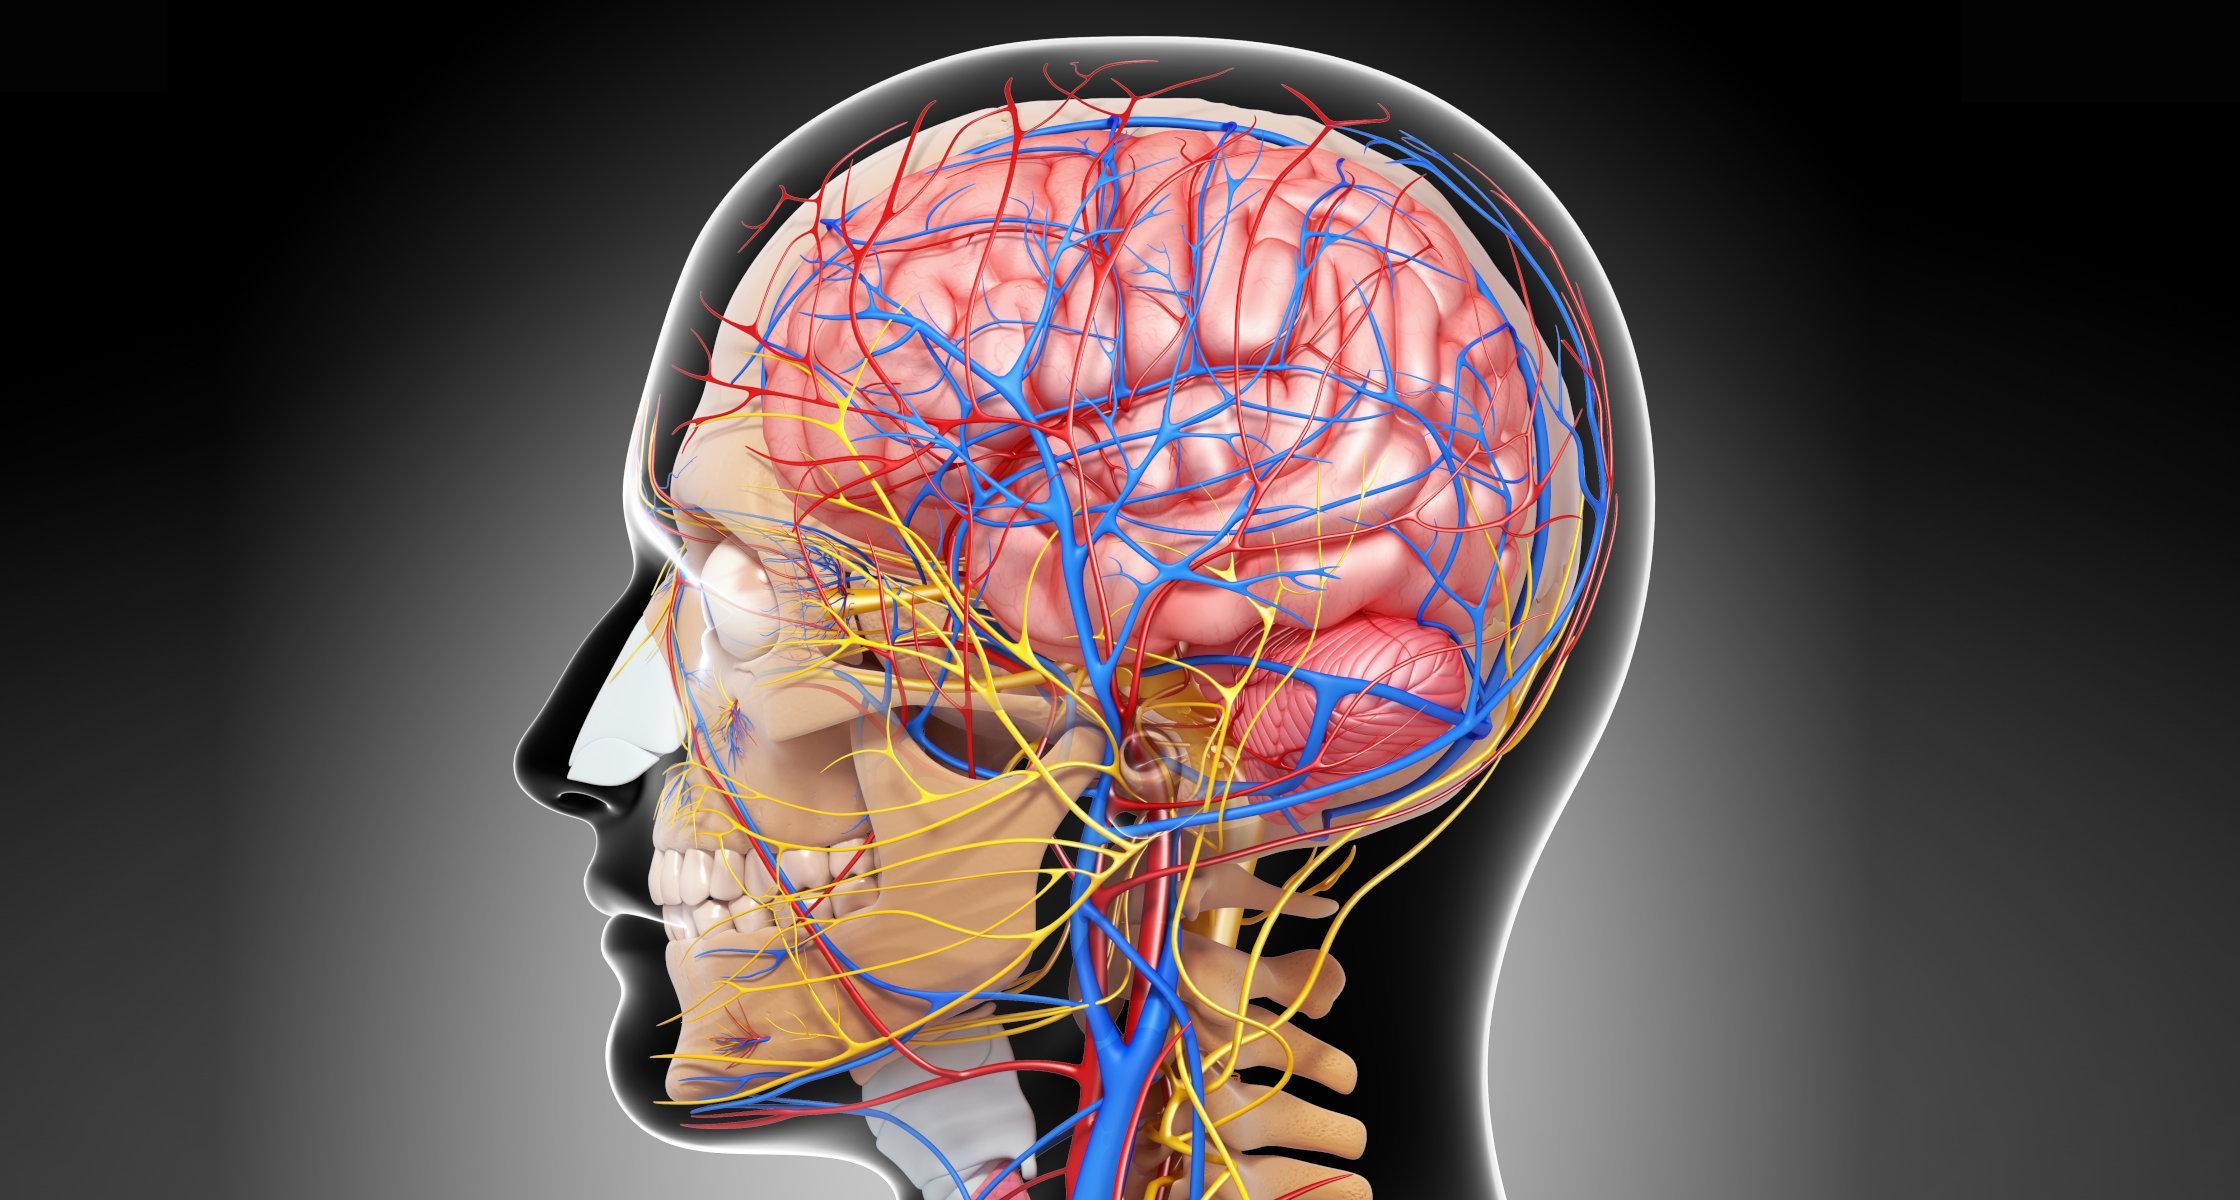 3D-обследование сосудов мозга поможет ранней диагностике